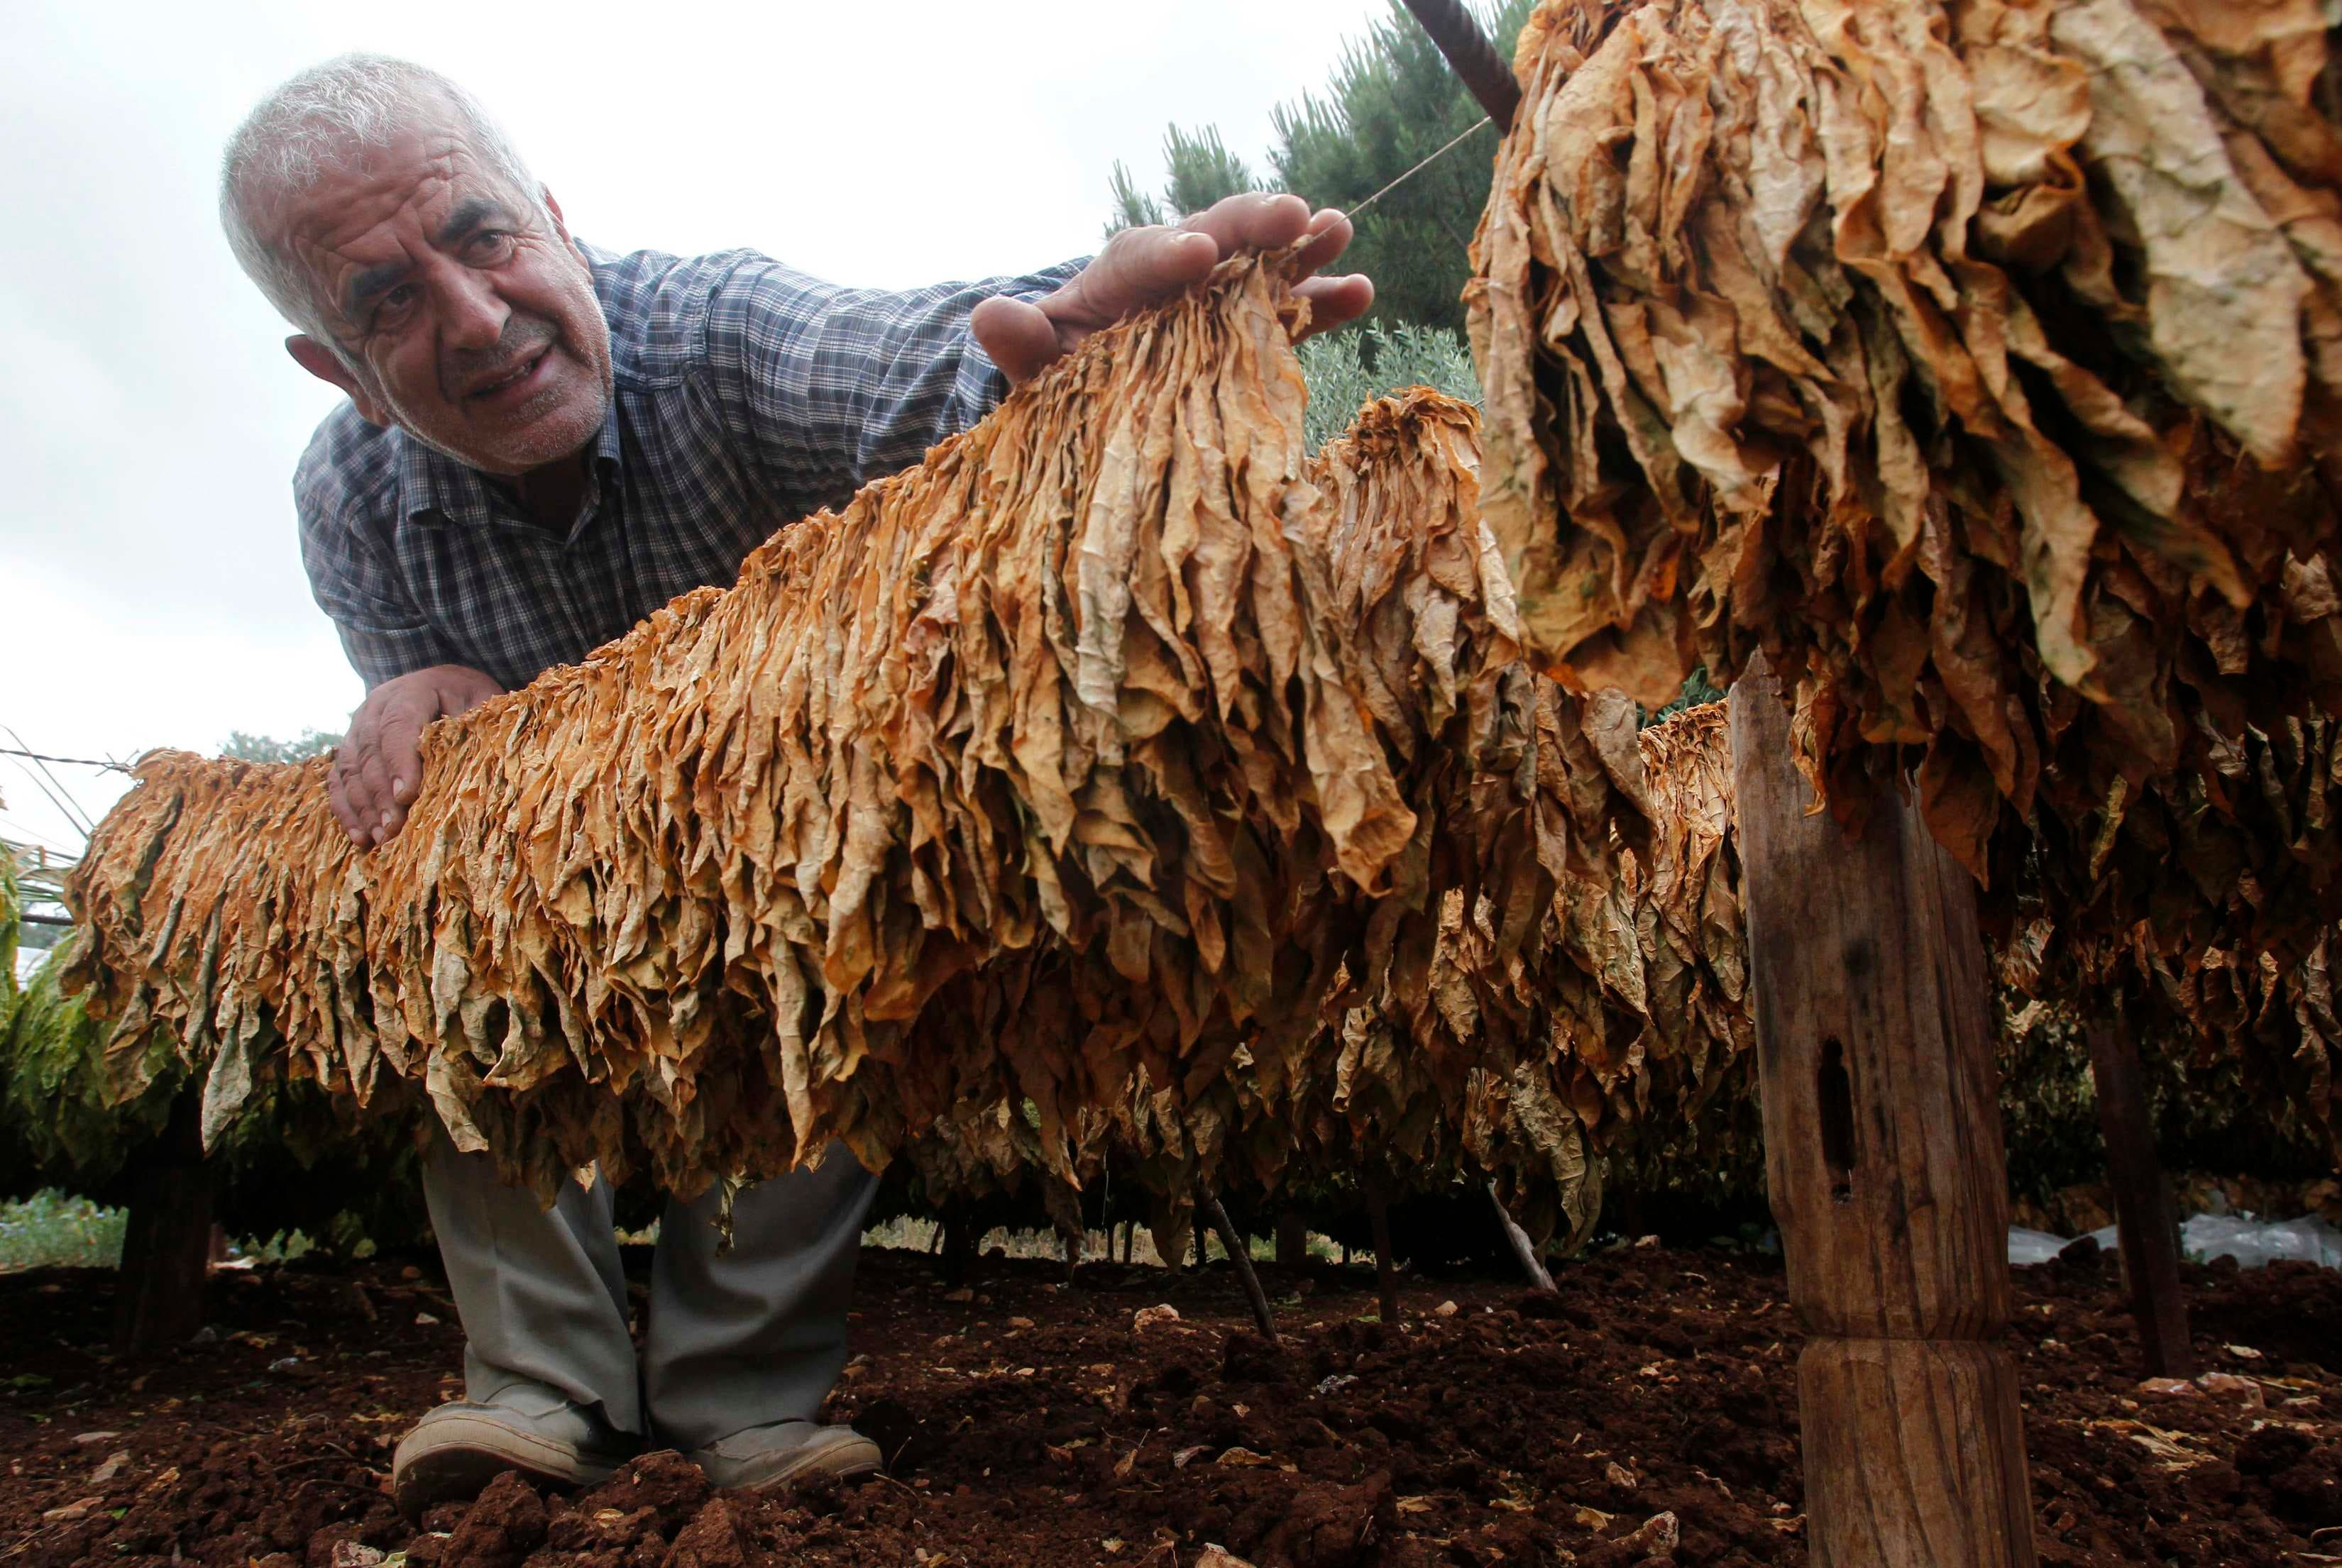 الزراعة في لبنان تاثرت بالظروف الاقتصادية